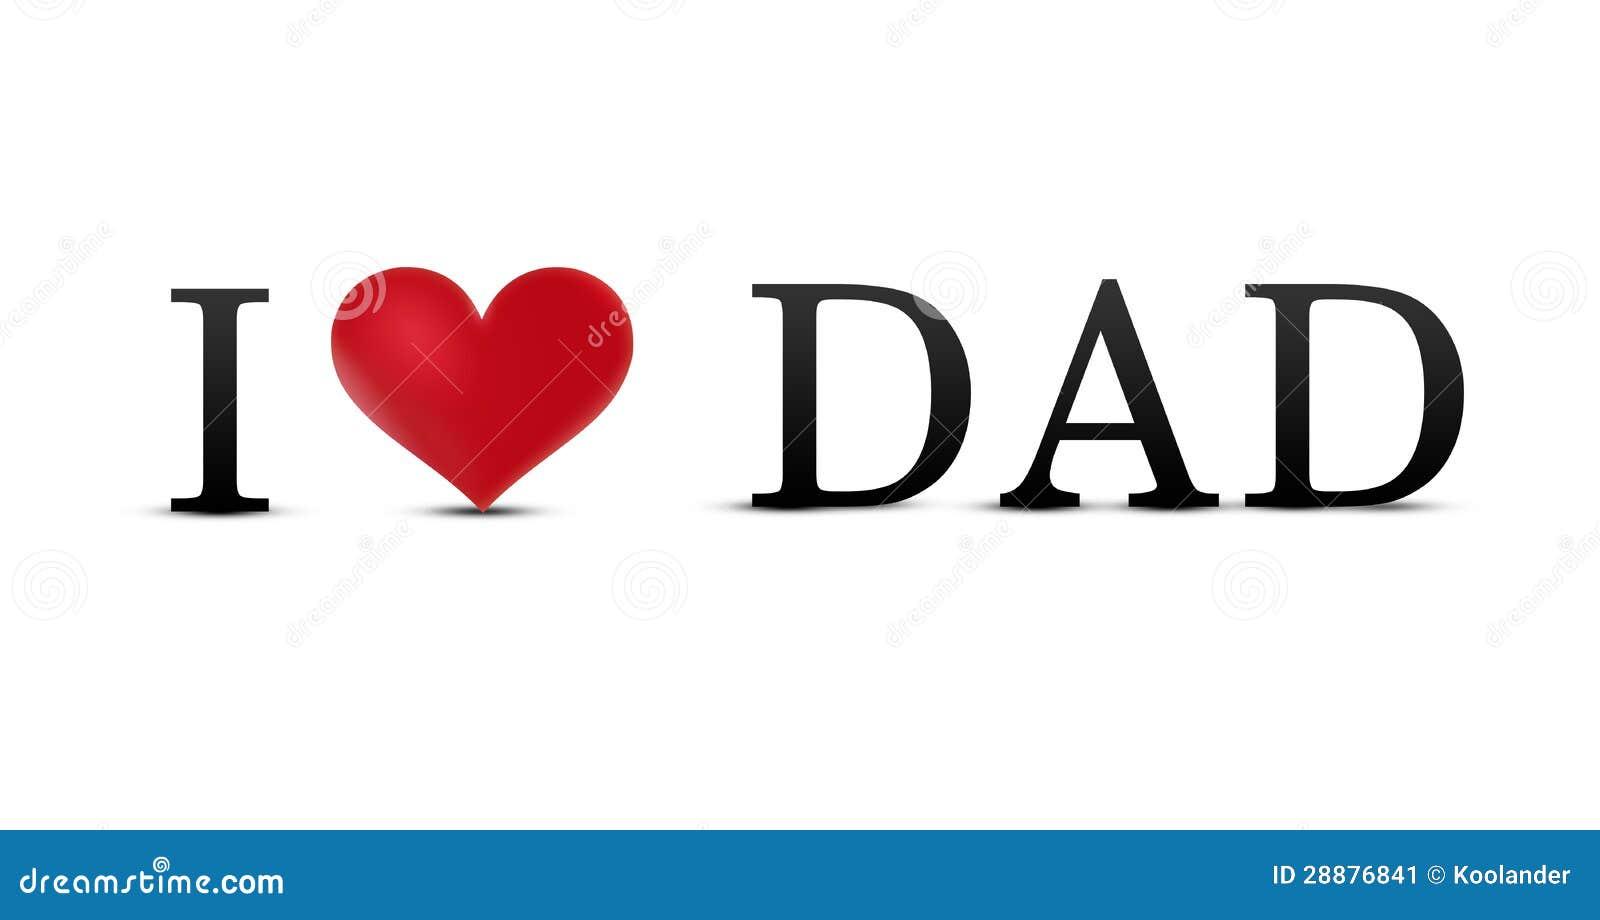 i love dad stock illustration illustration of father 28876841. Black Bedroom Furniture Sets. Home Design Ideas